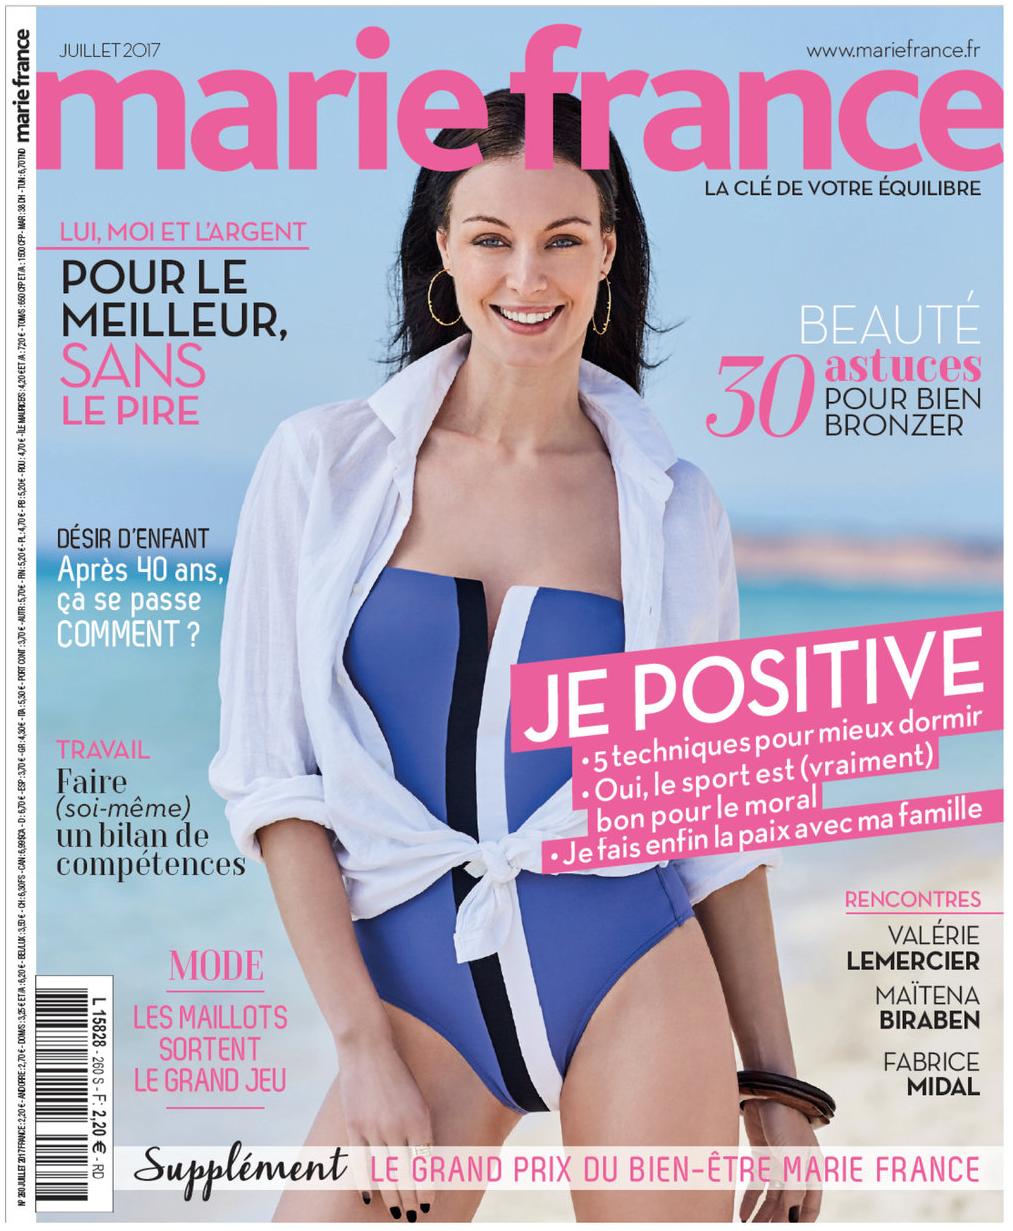 Marie France n°260, Juillet 2017 - Page 83